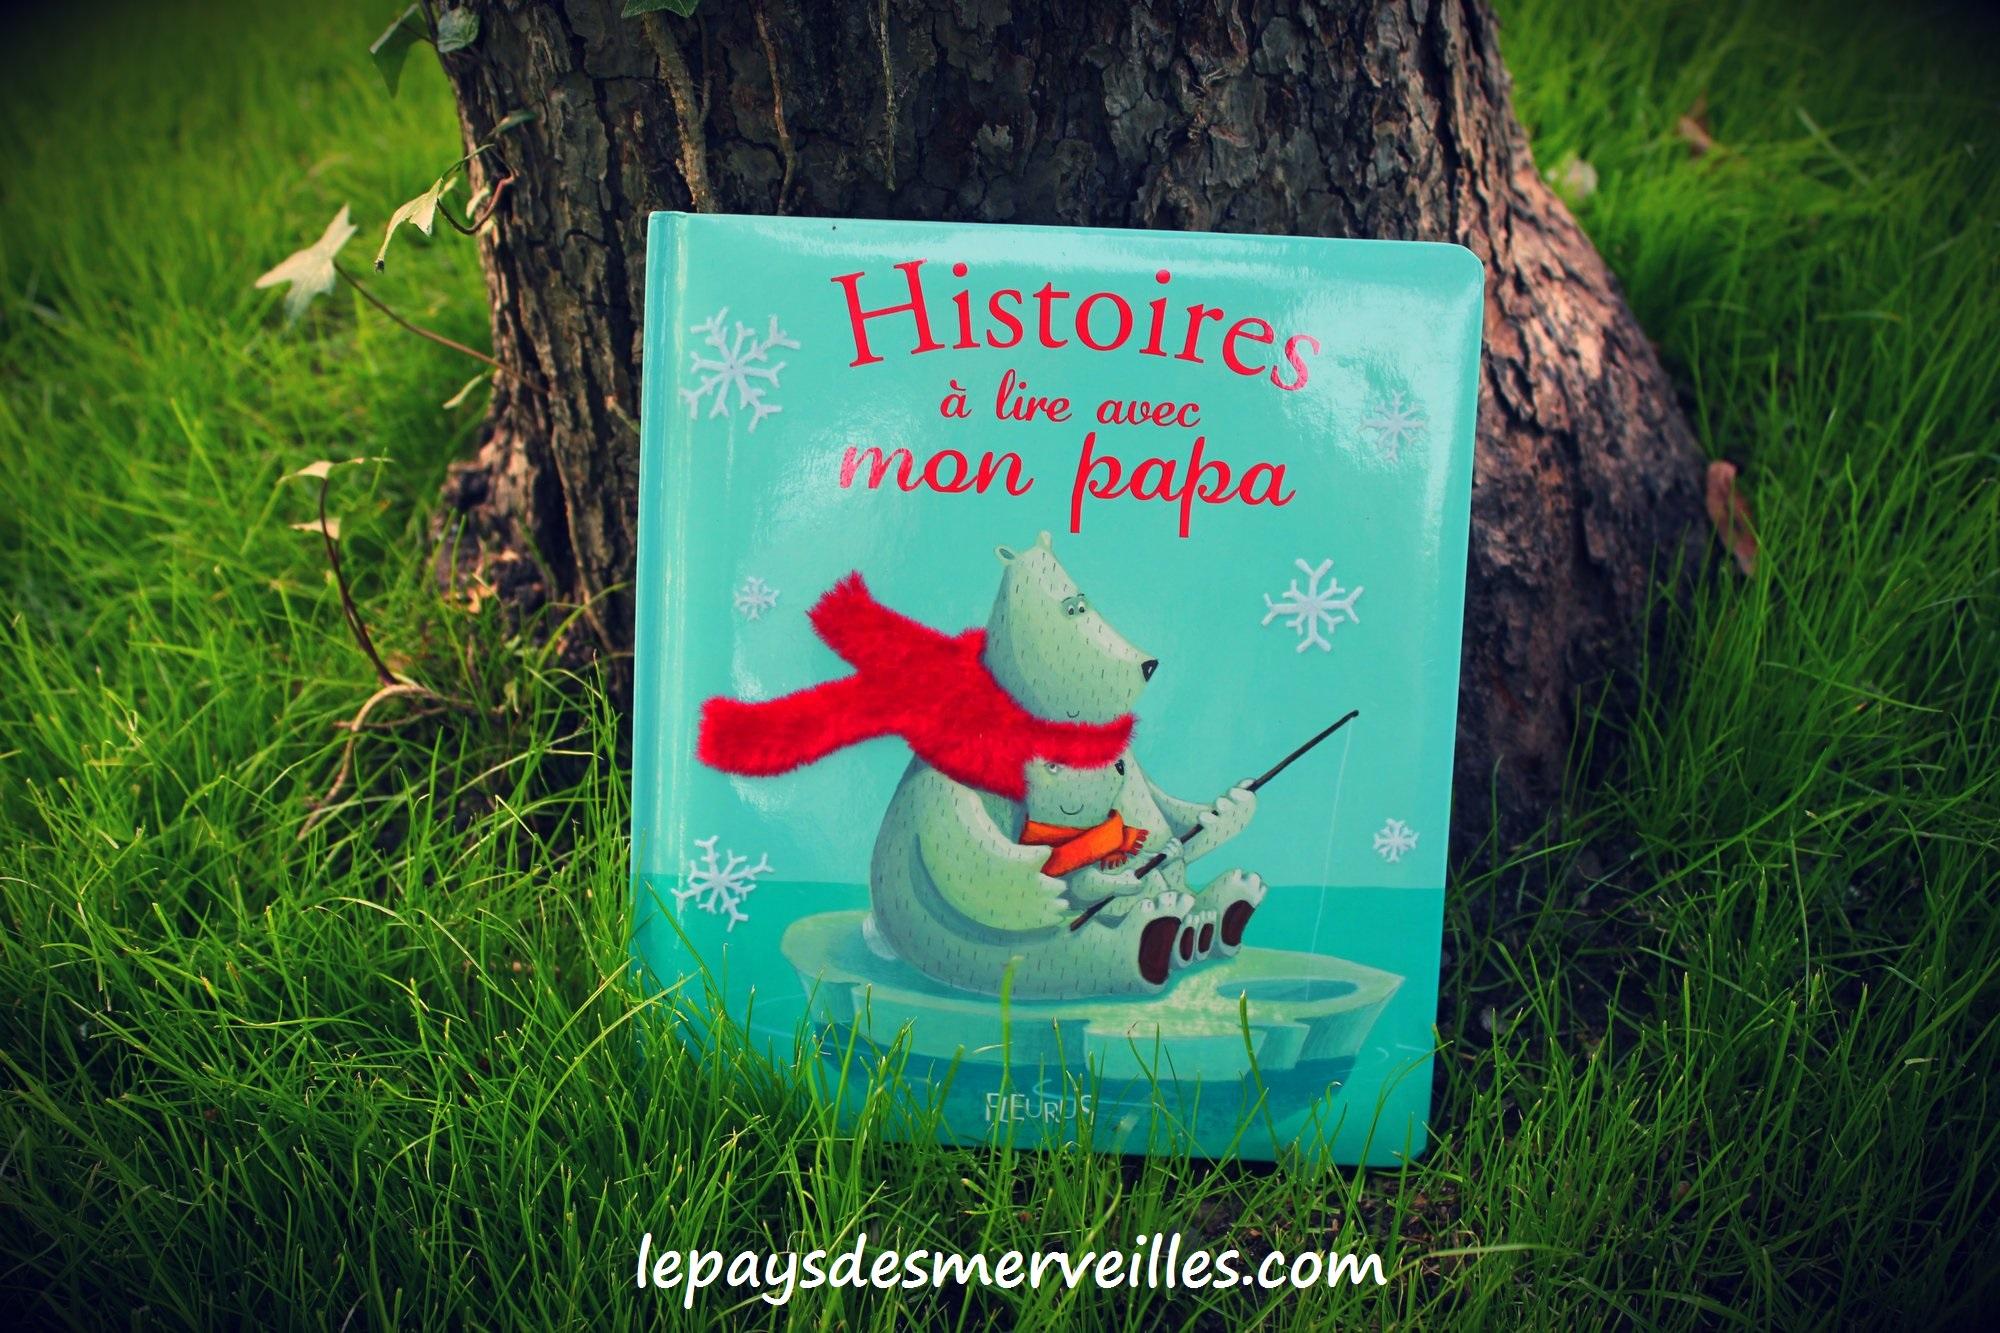 Histoires A Lire Avec Mon Papa (Chut, Les Enfants Lisent intérieur Le Papa De Mon Papa